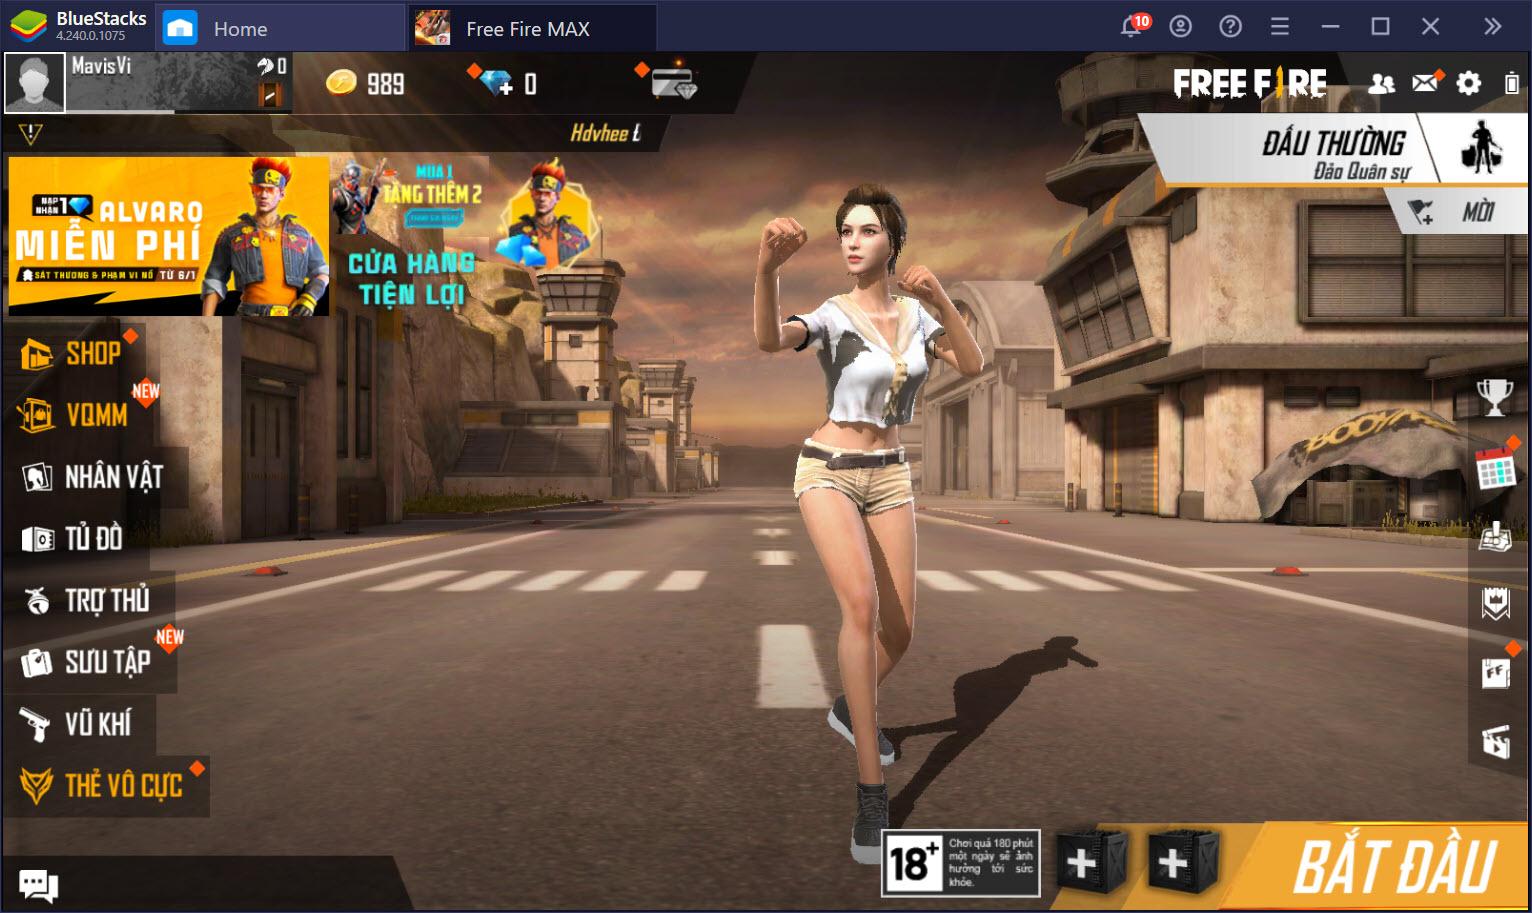 Trải nghiệm đồ họa cao cấp Garena Free Fire Max trên PC với BlueStacks